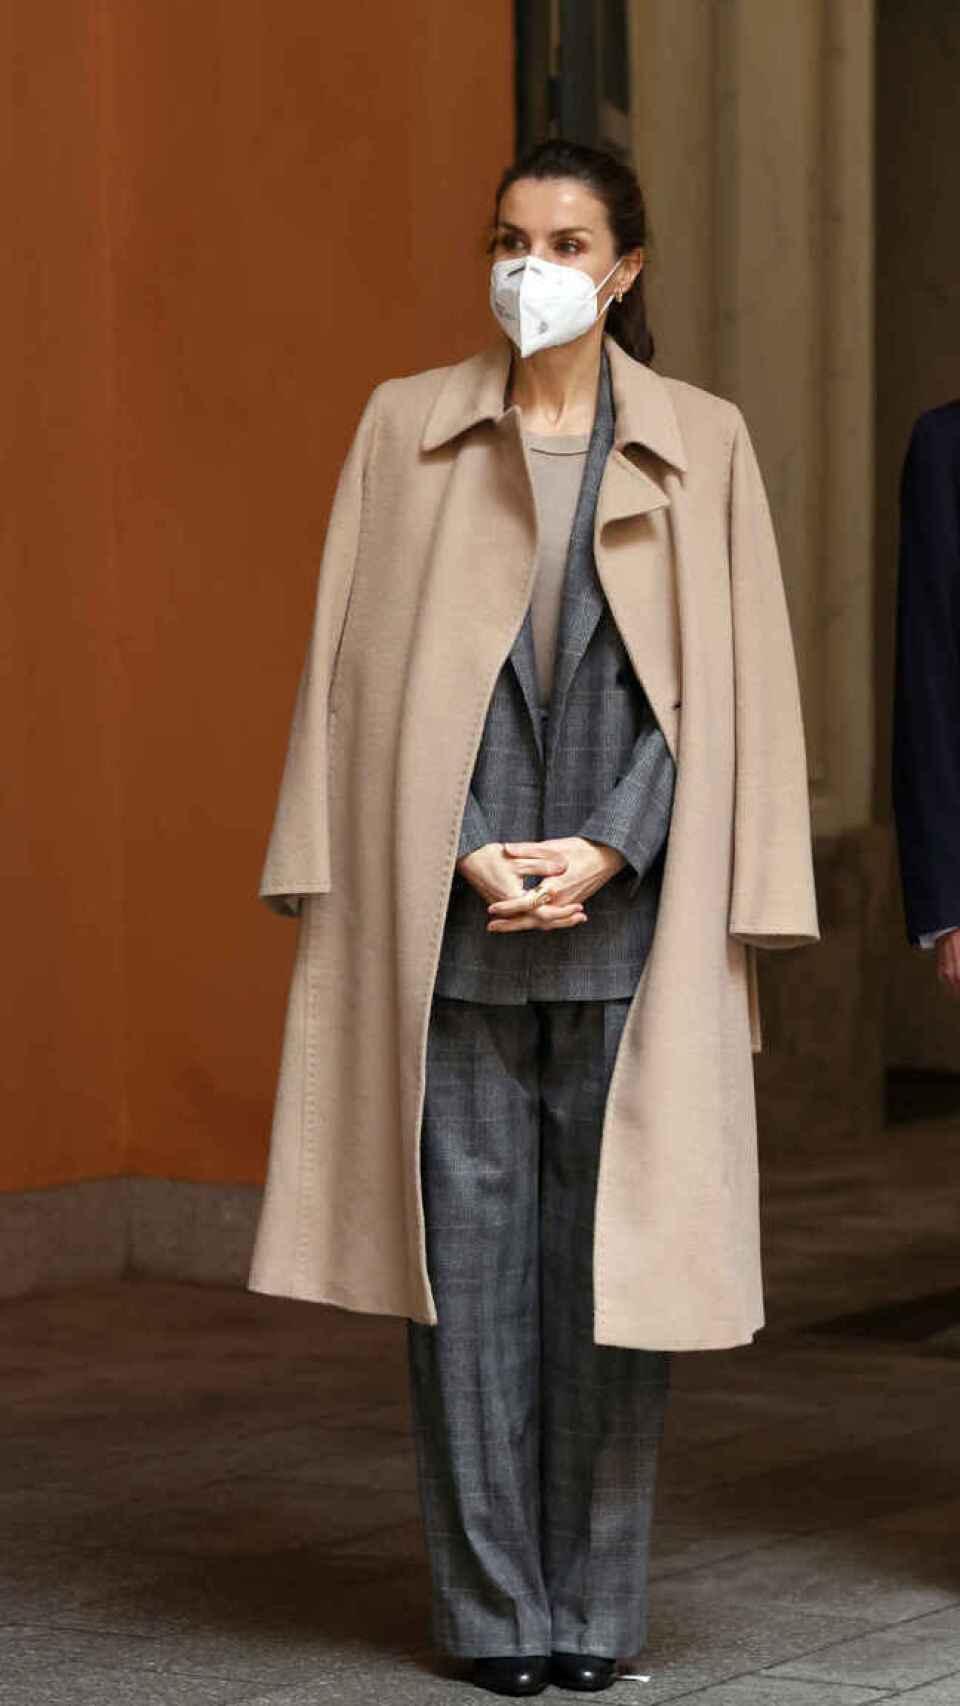 La reina Letizia con traje sastre de Hugo Boss.